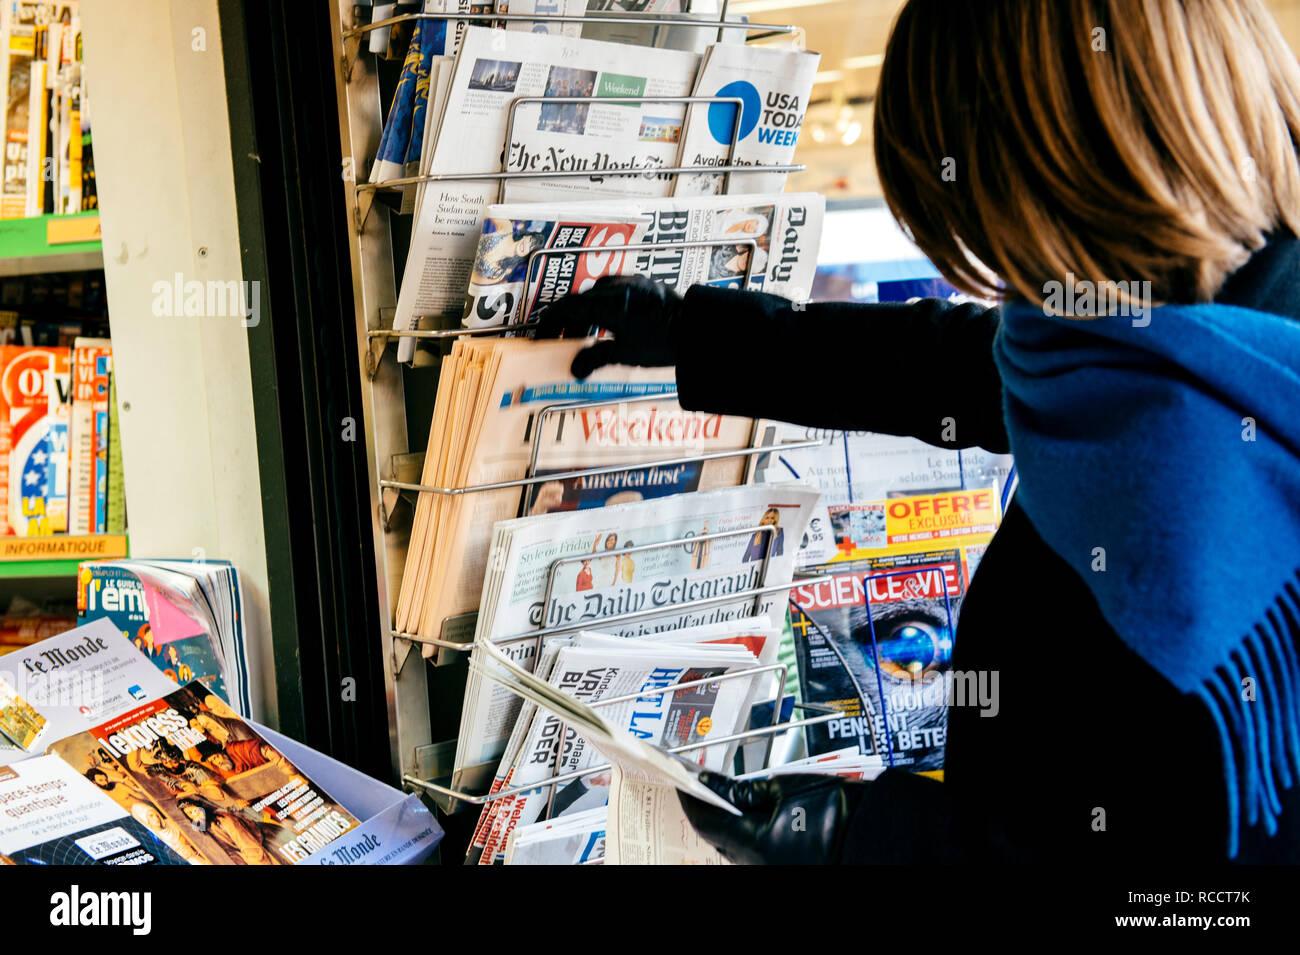 Parigi, Francia - 21 GEN 2017: Donna acquisto in media press kiosk il Financial Times Weekend edition con Donald Trump il presidente statunitense ant l'America primo slogan Immagini Stock